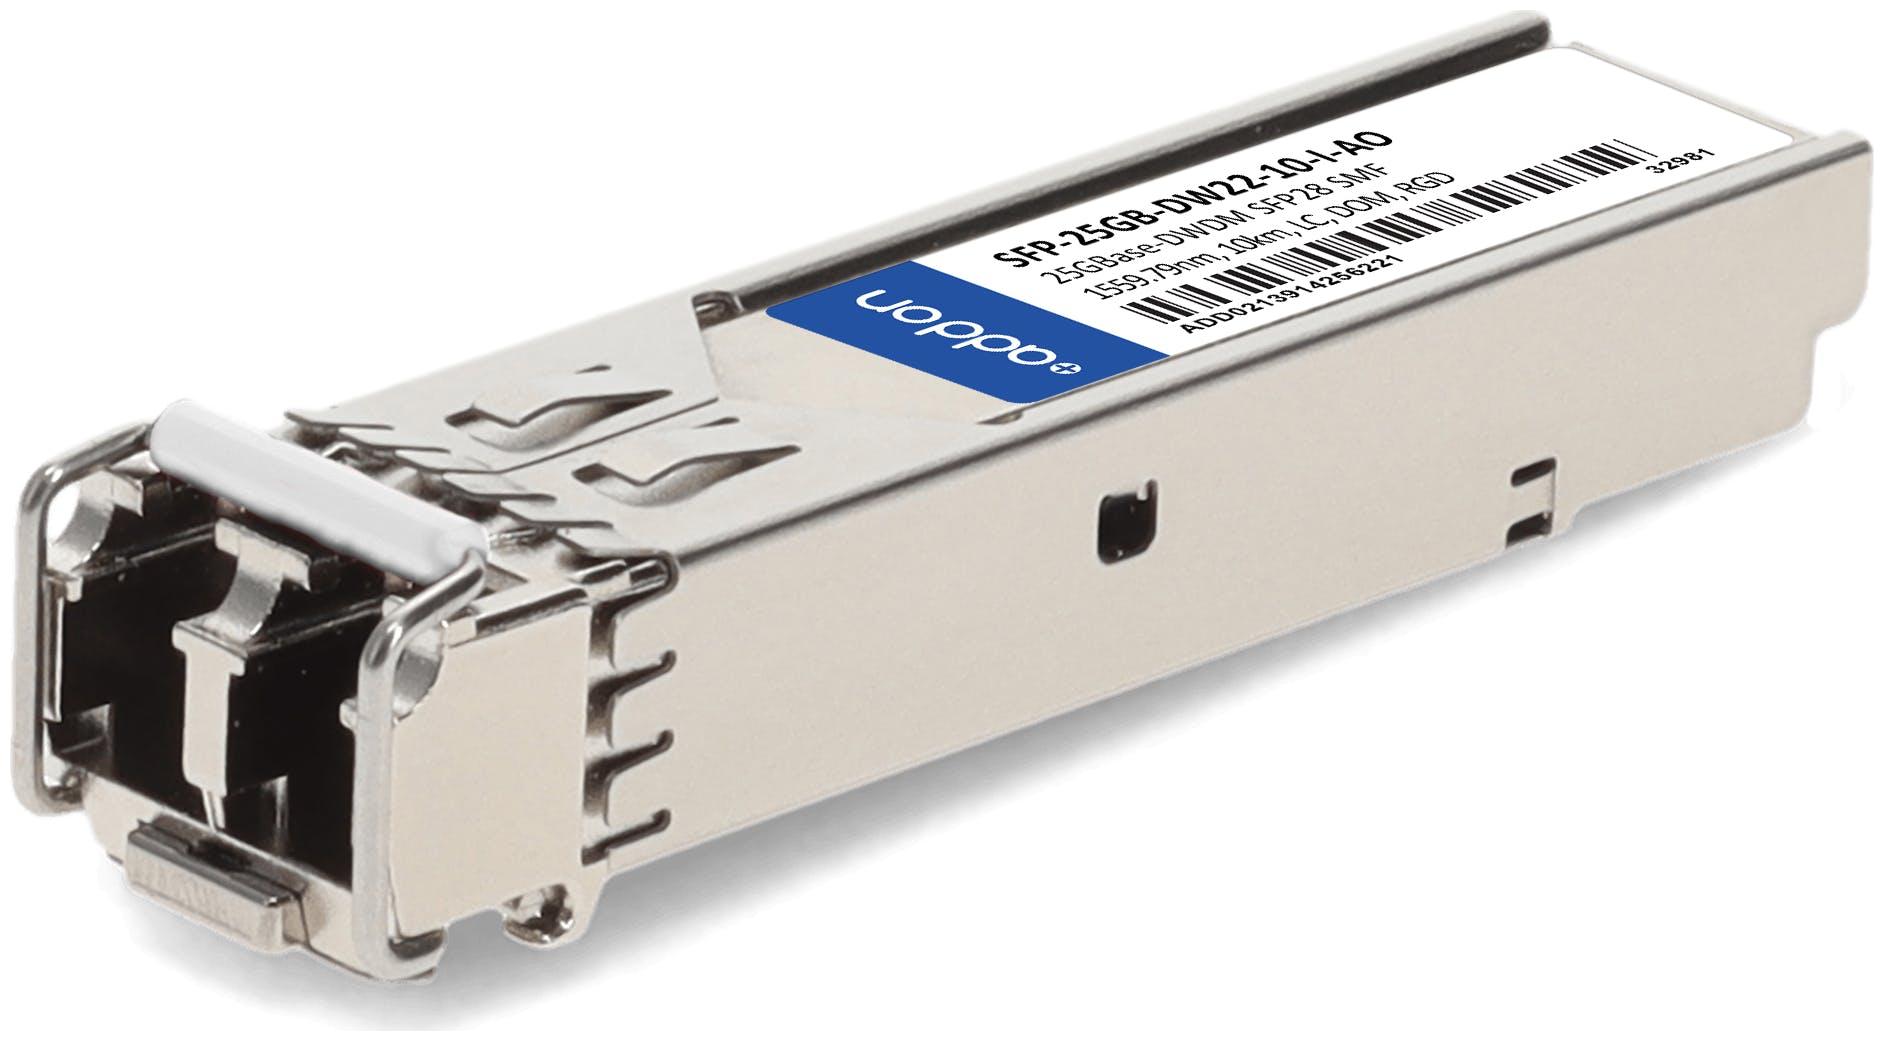 DWDM ITEMP SFP28 Transceiver Alternative